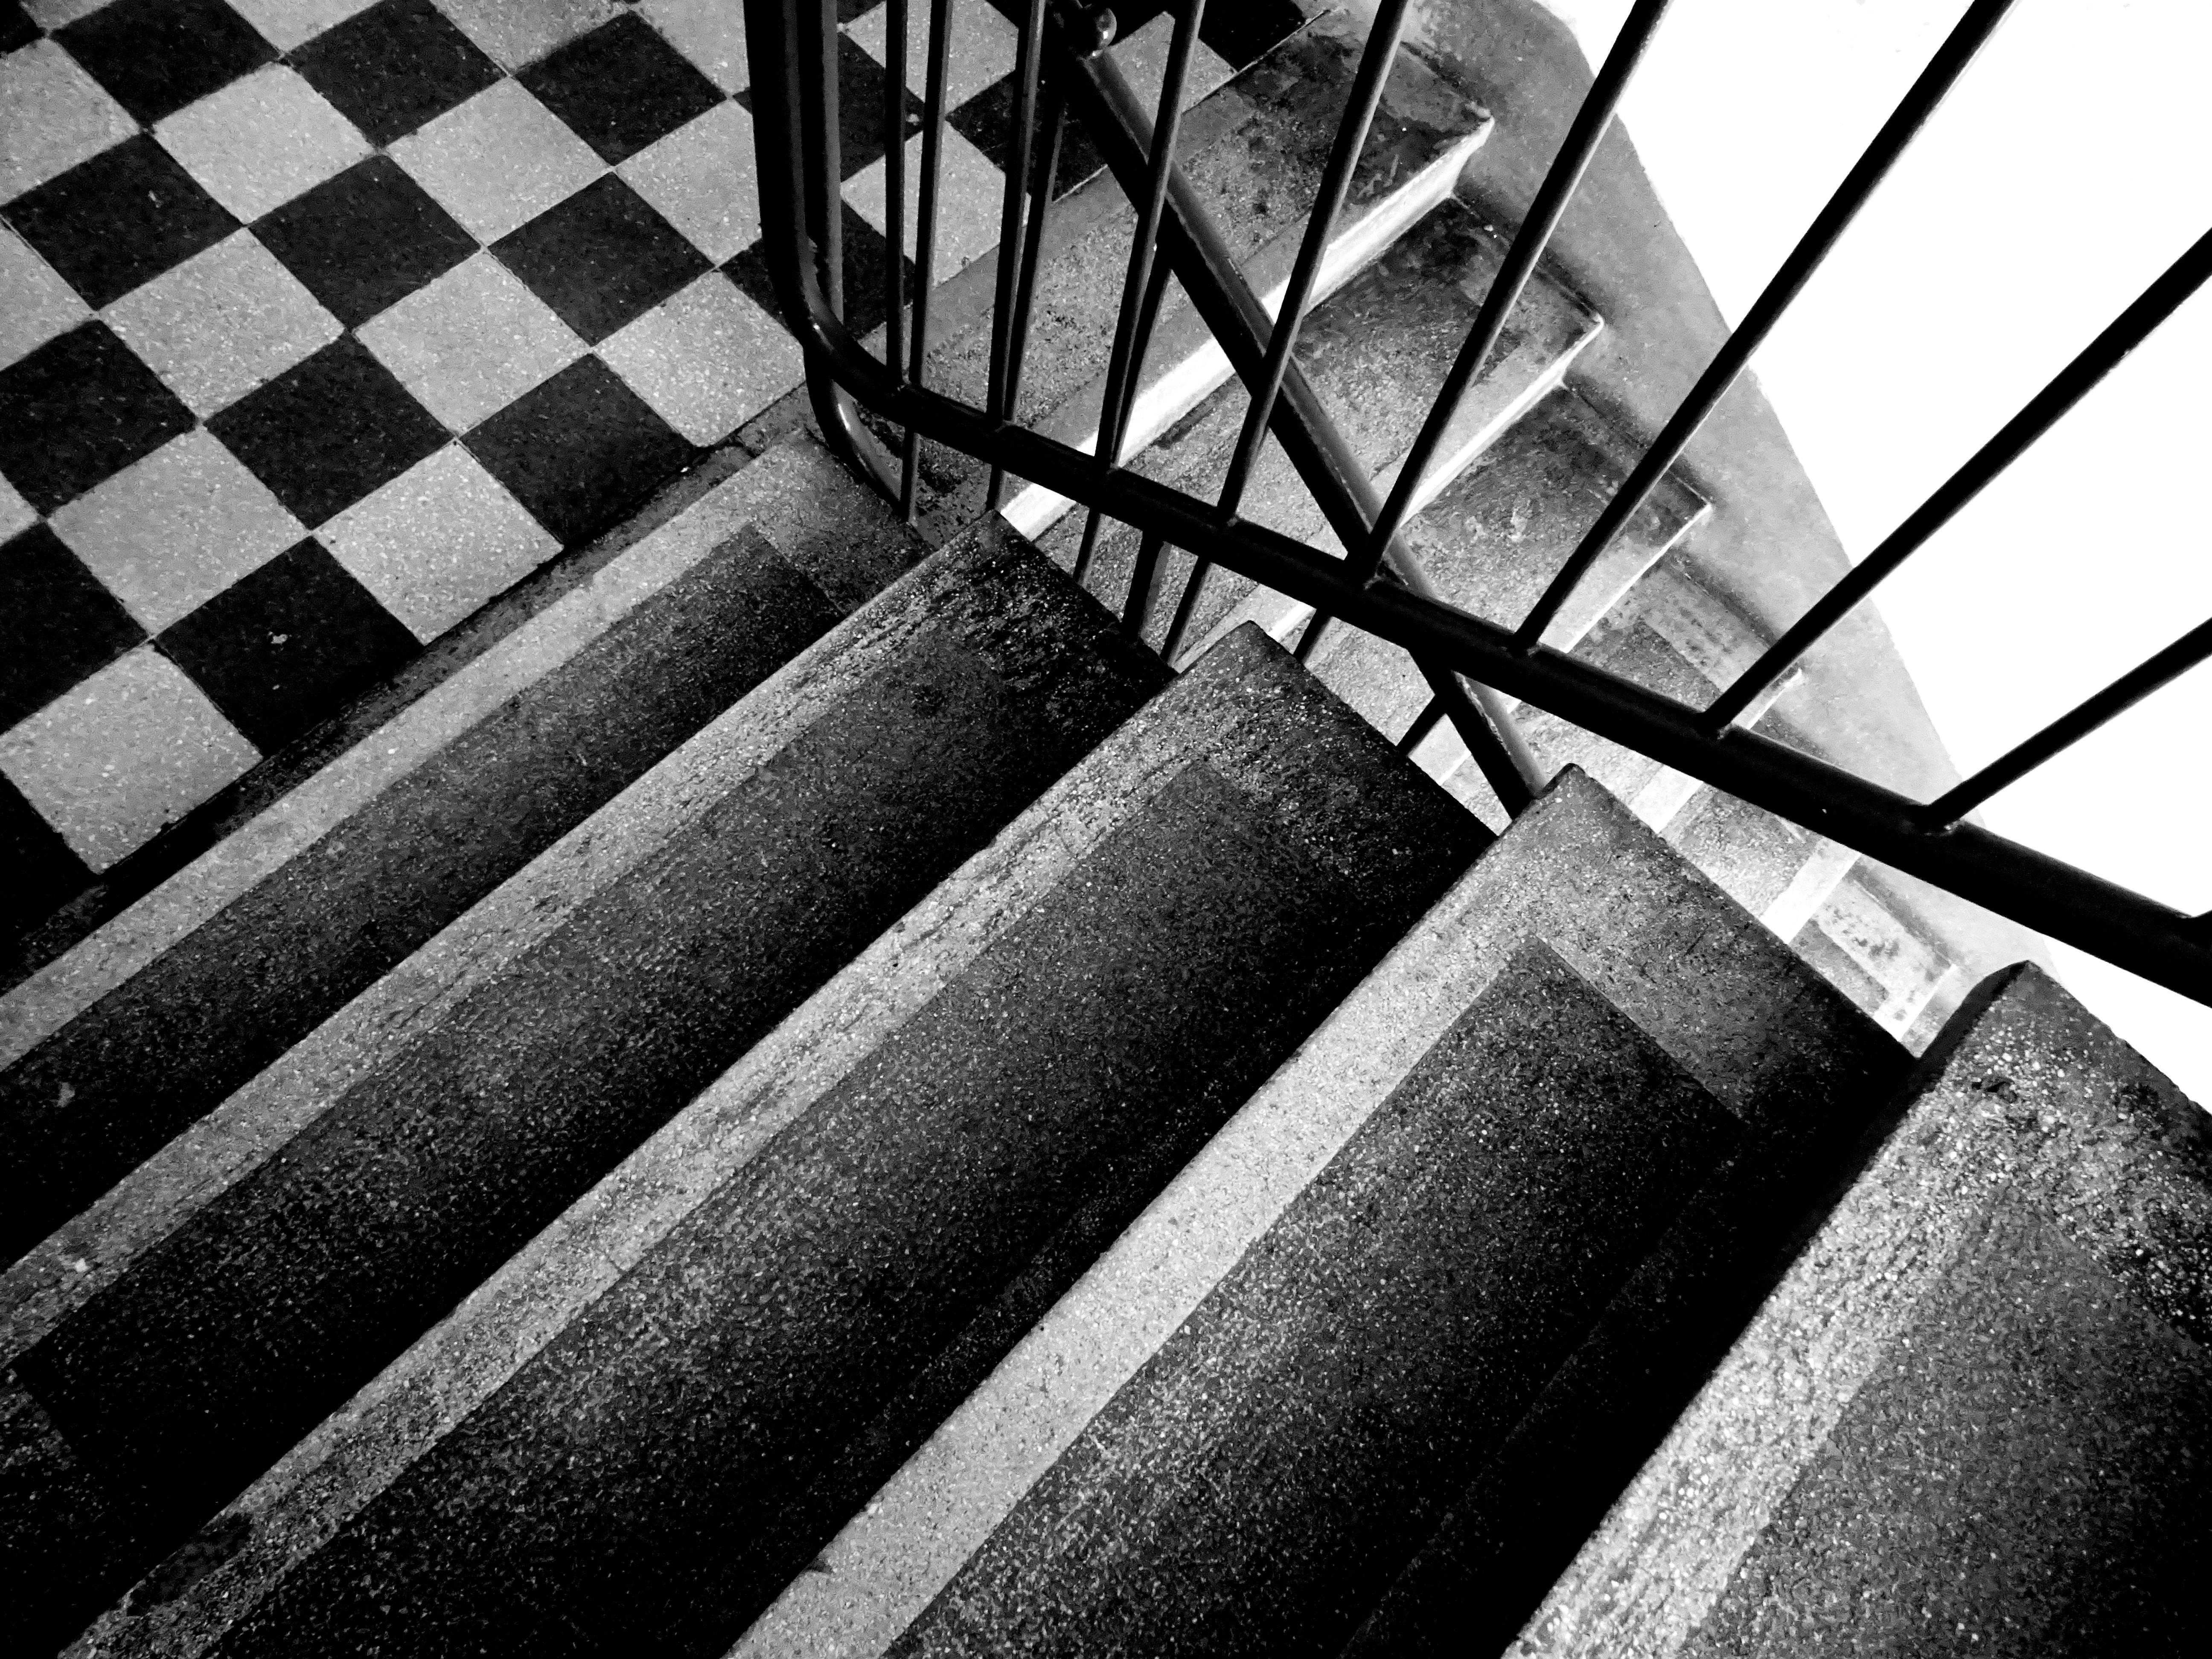 Gratis afbeeldingen : zwart en wit kleuren beton ontwerp